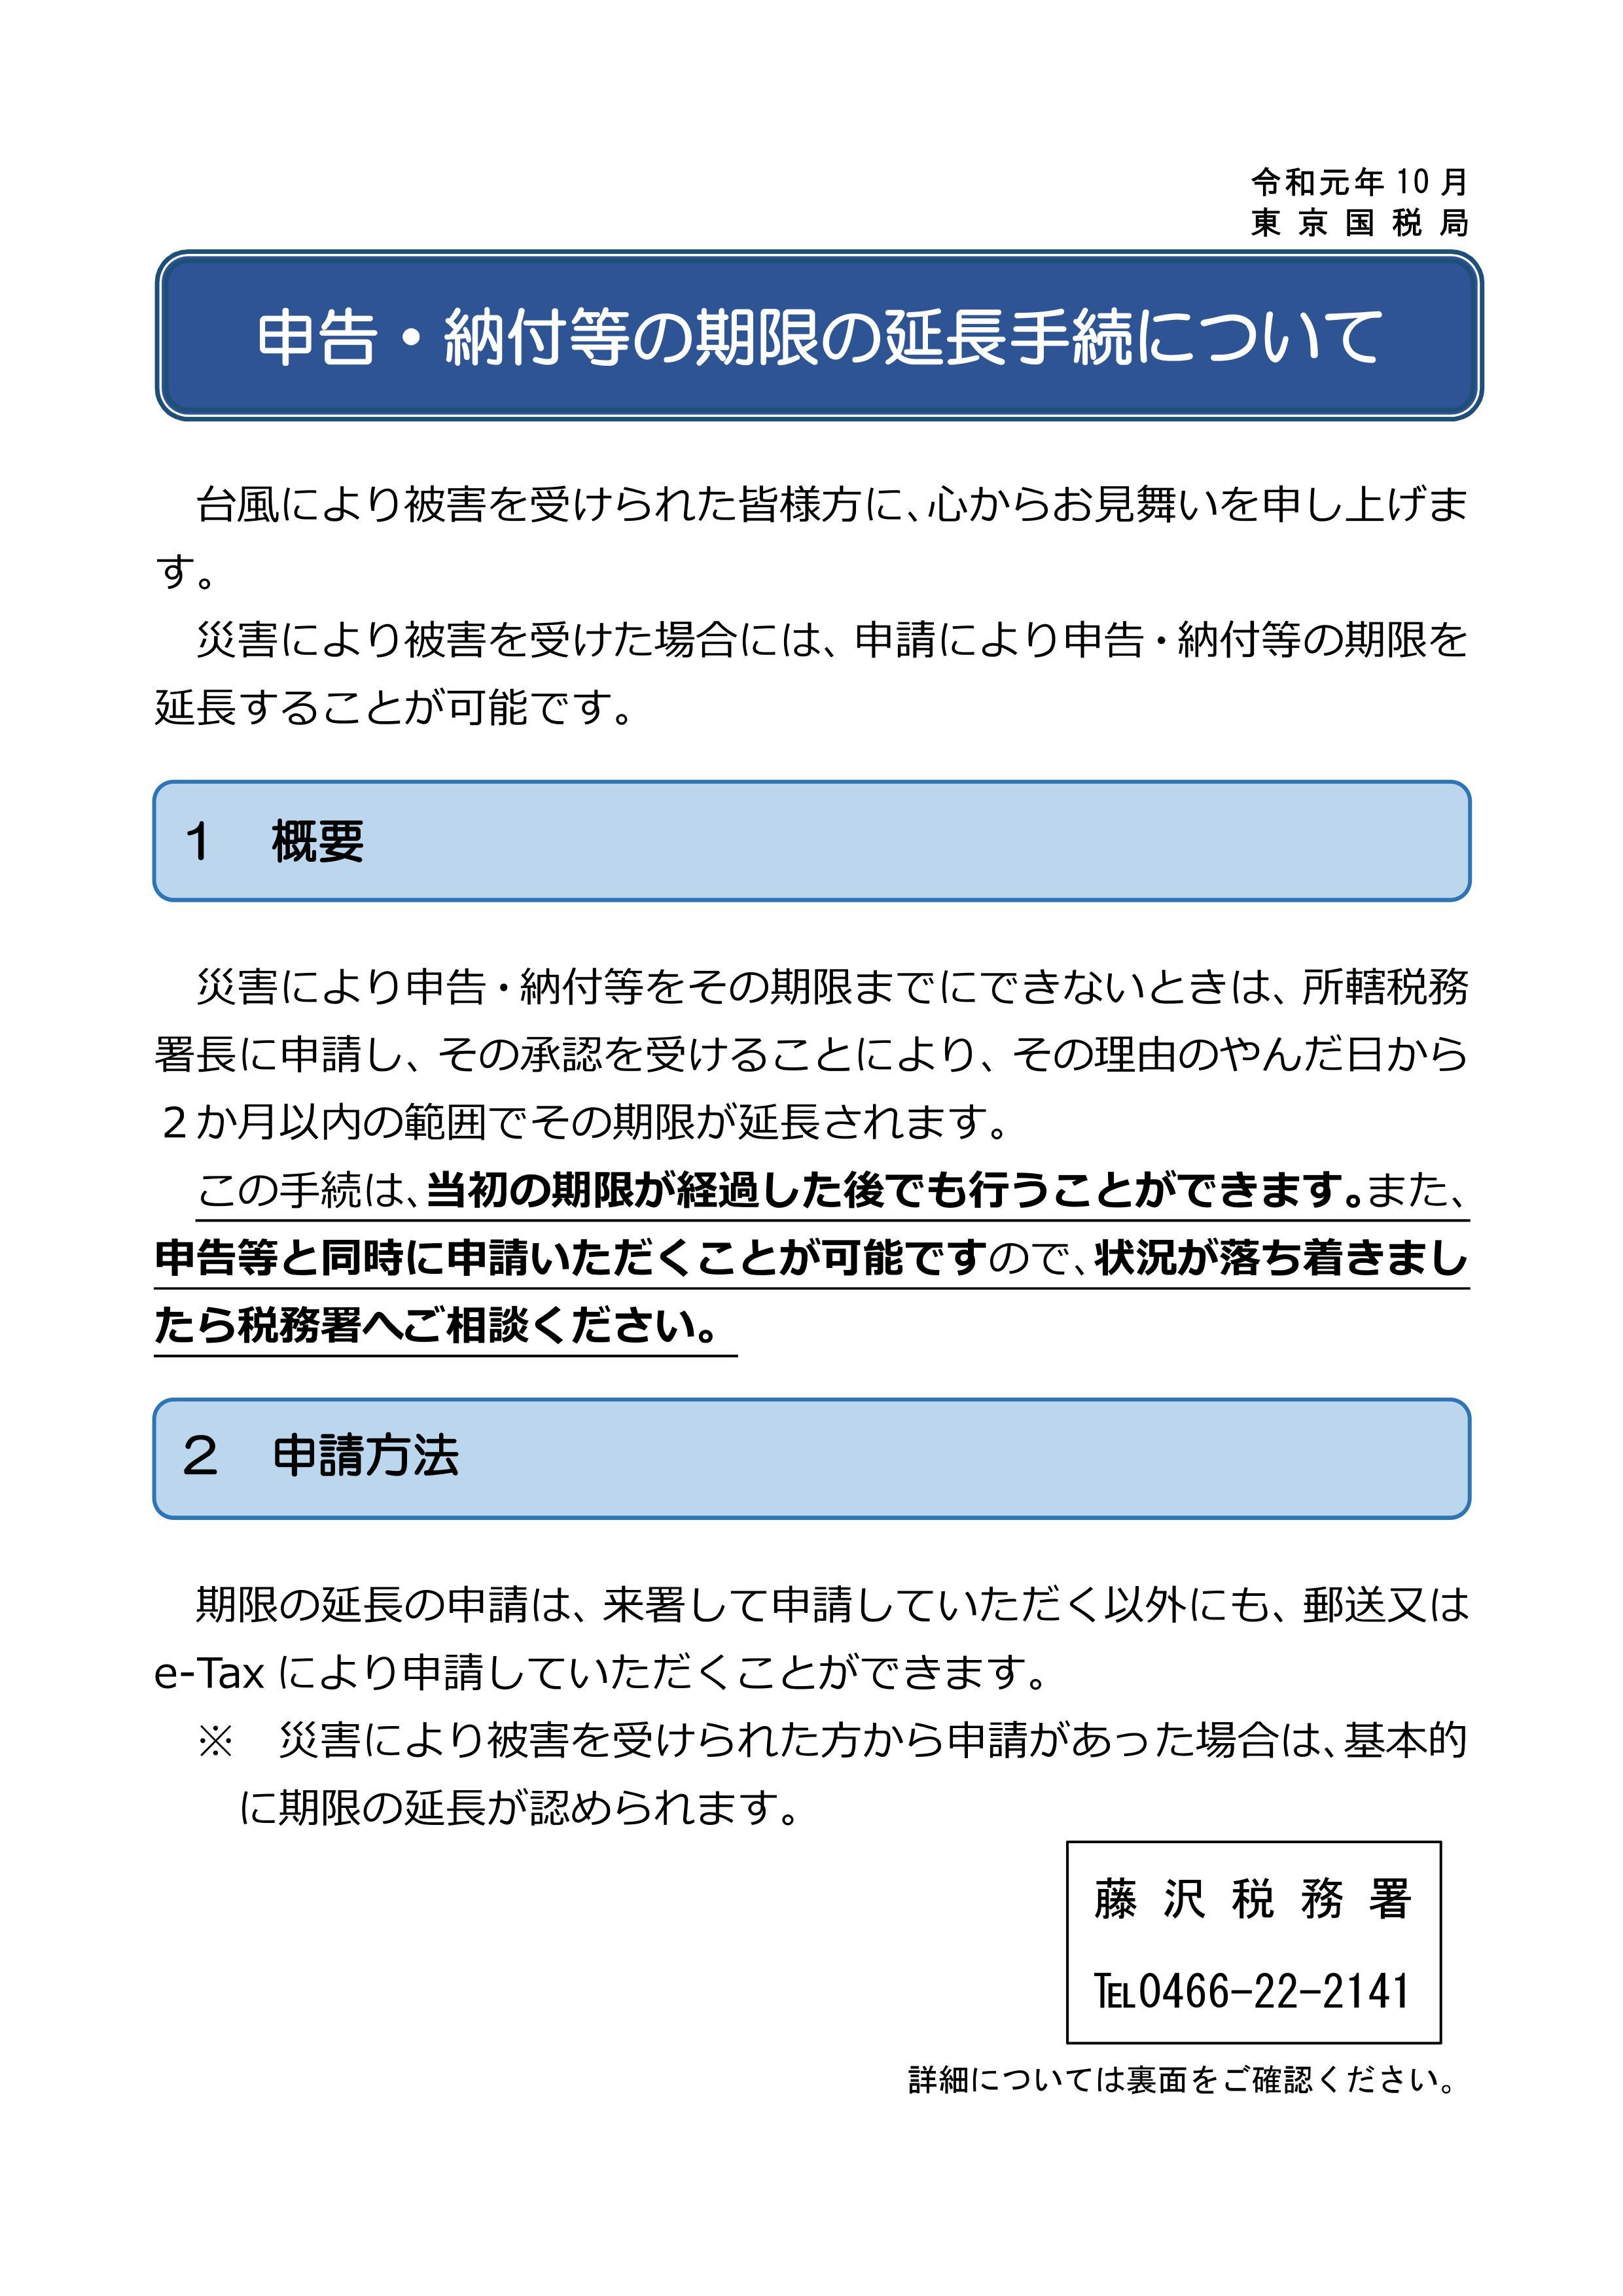 東京国税局より-申告・納付等の期限の延長手続きについて